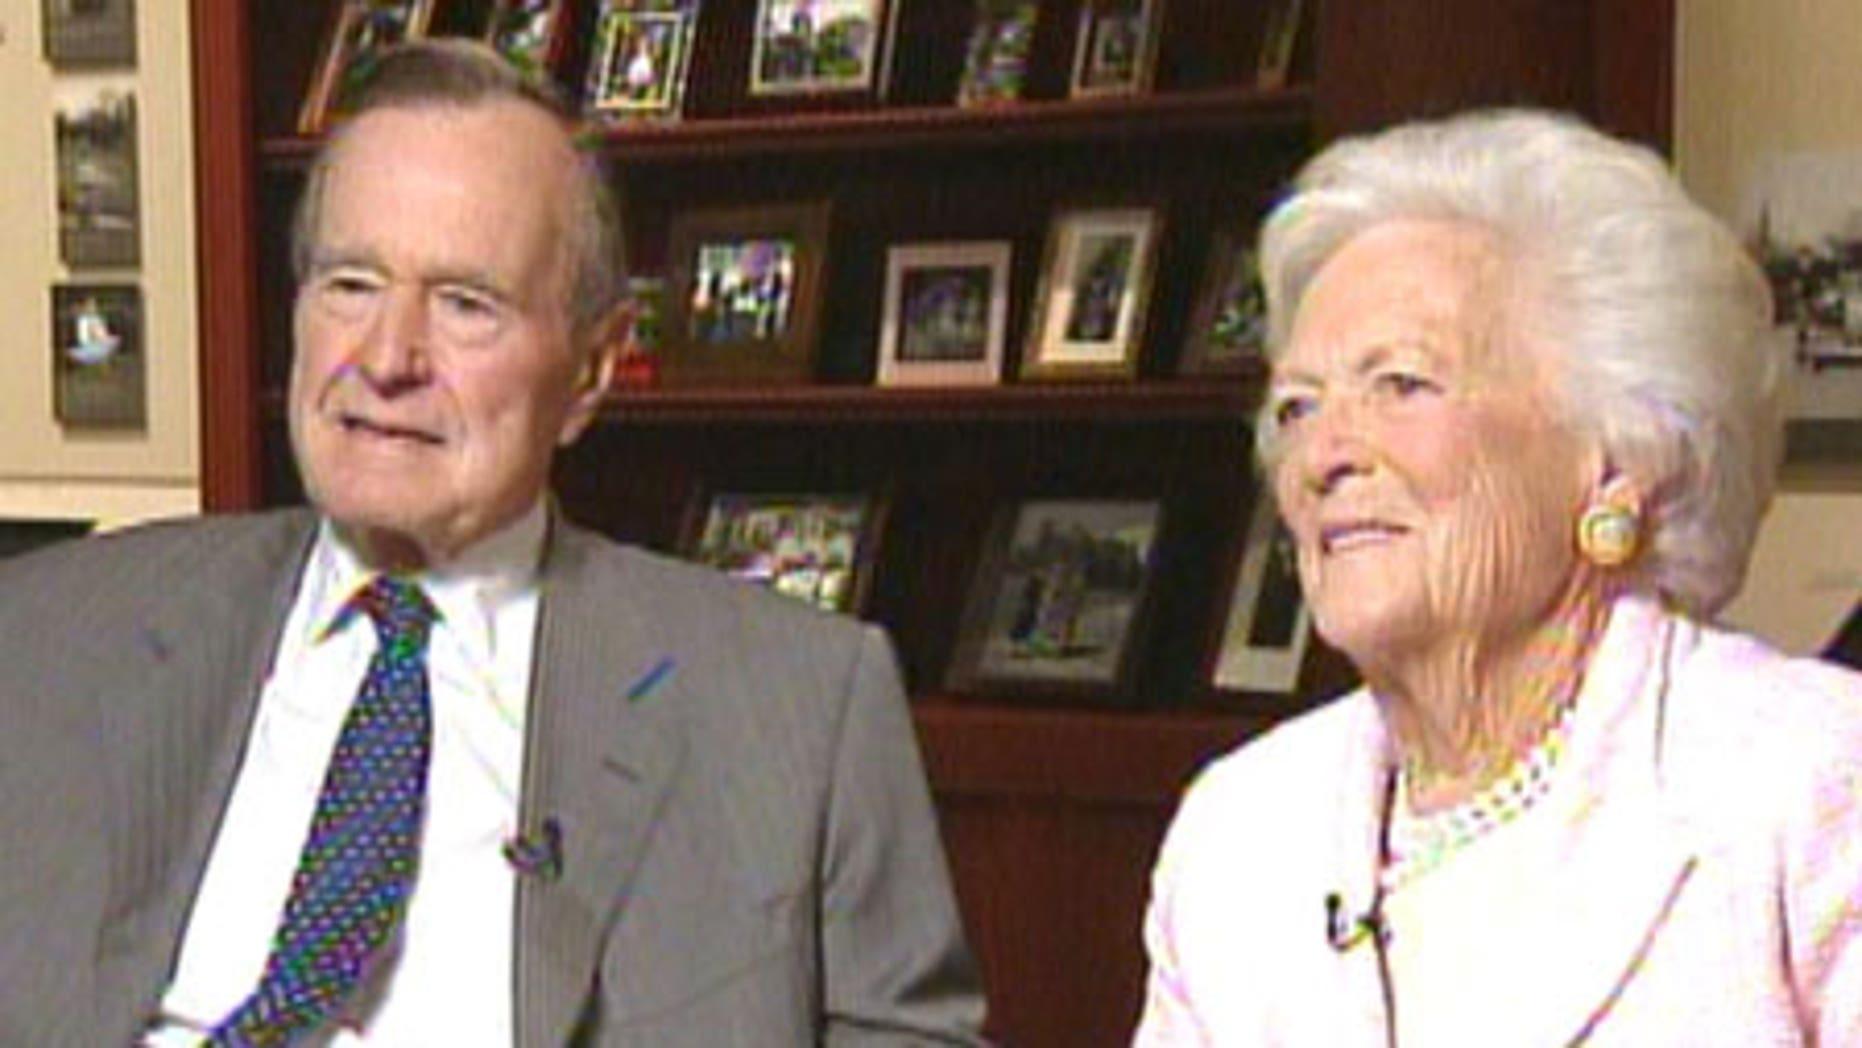 Former President George H.W. Bush and former first lady Barbara Bush